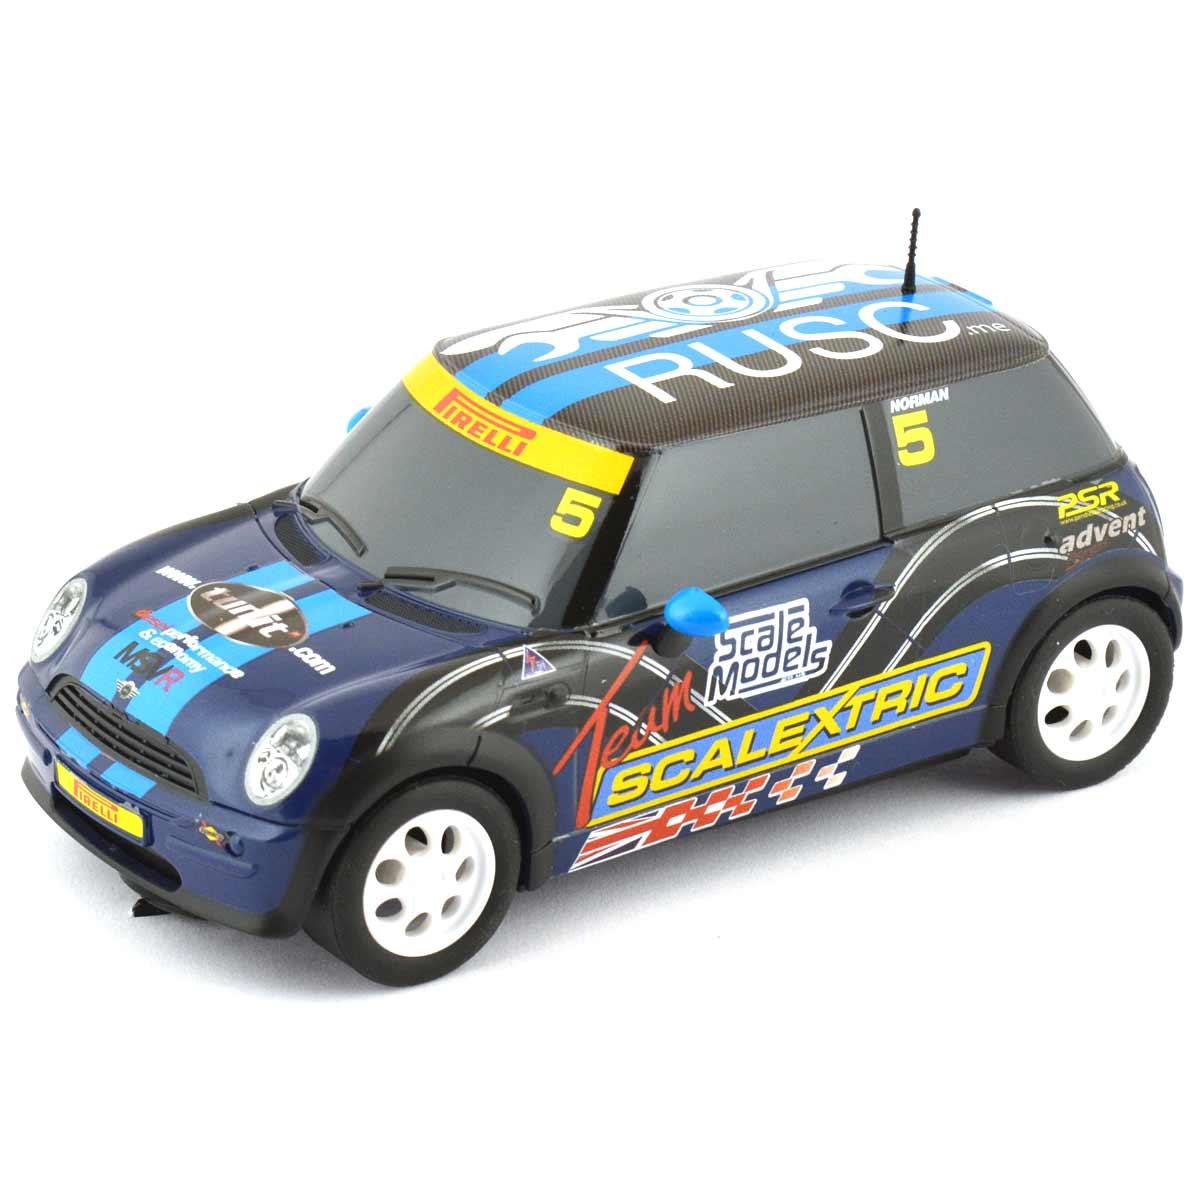 Scalextric Team Scalextric Mini Uk Slot Car Festival (C3563